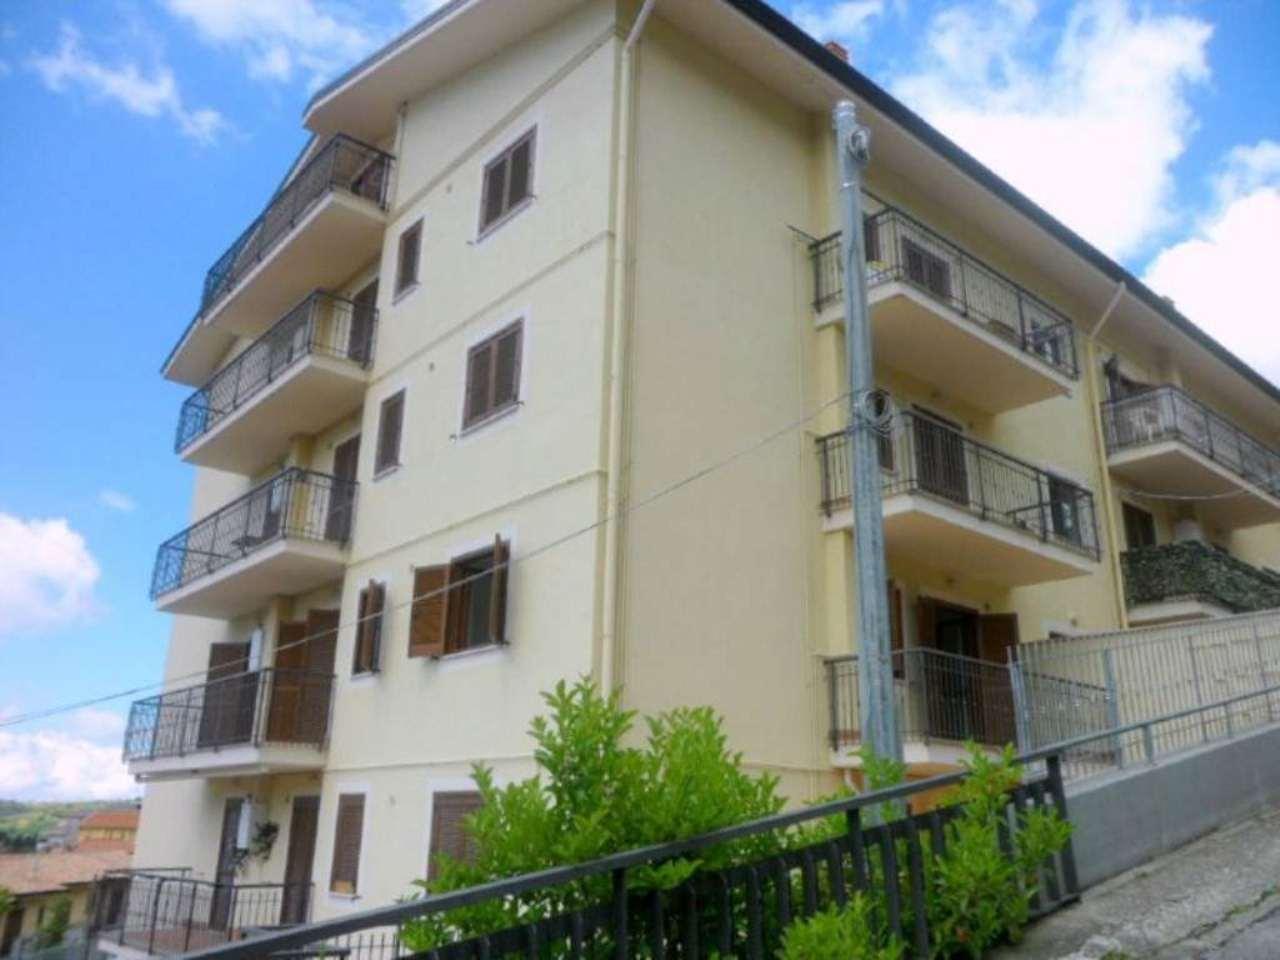 Appartamento in vendita a Fiuggi, 3 locali, prezzo € 55.000 | Cambio Casa.it